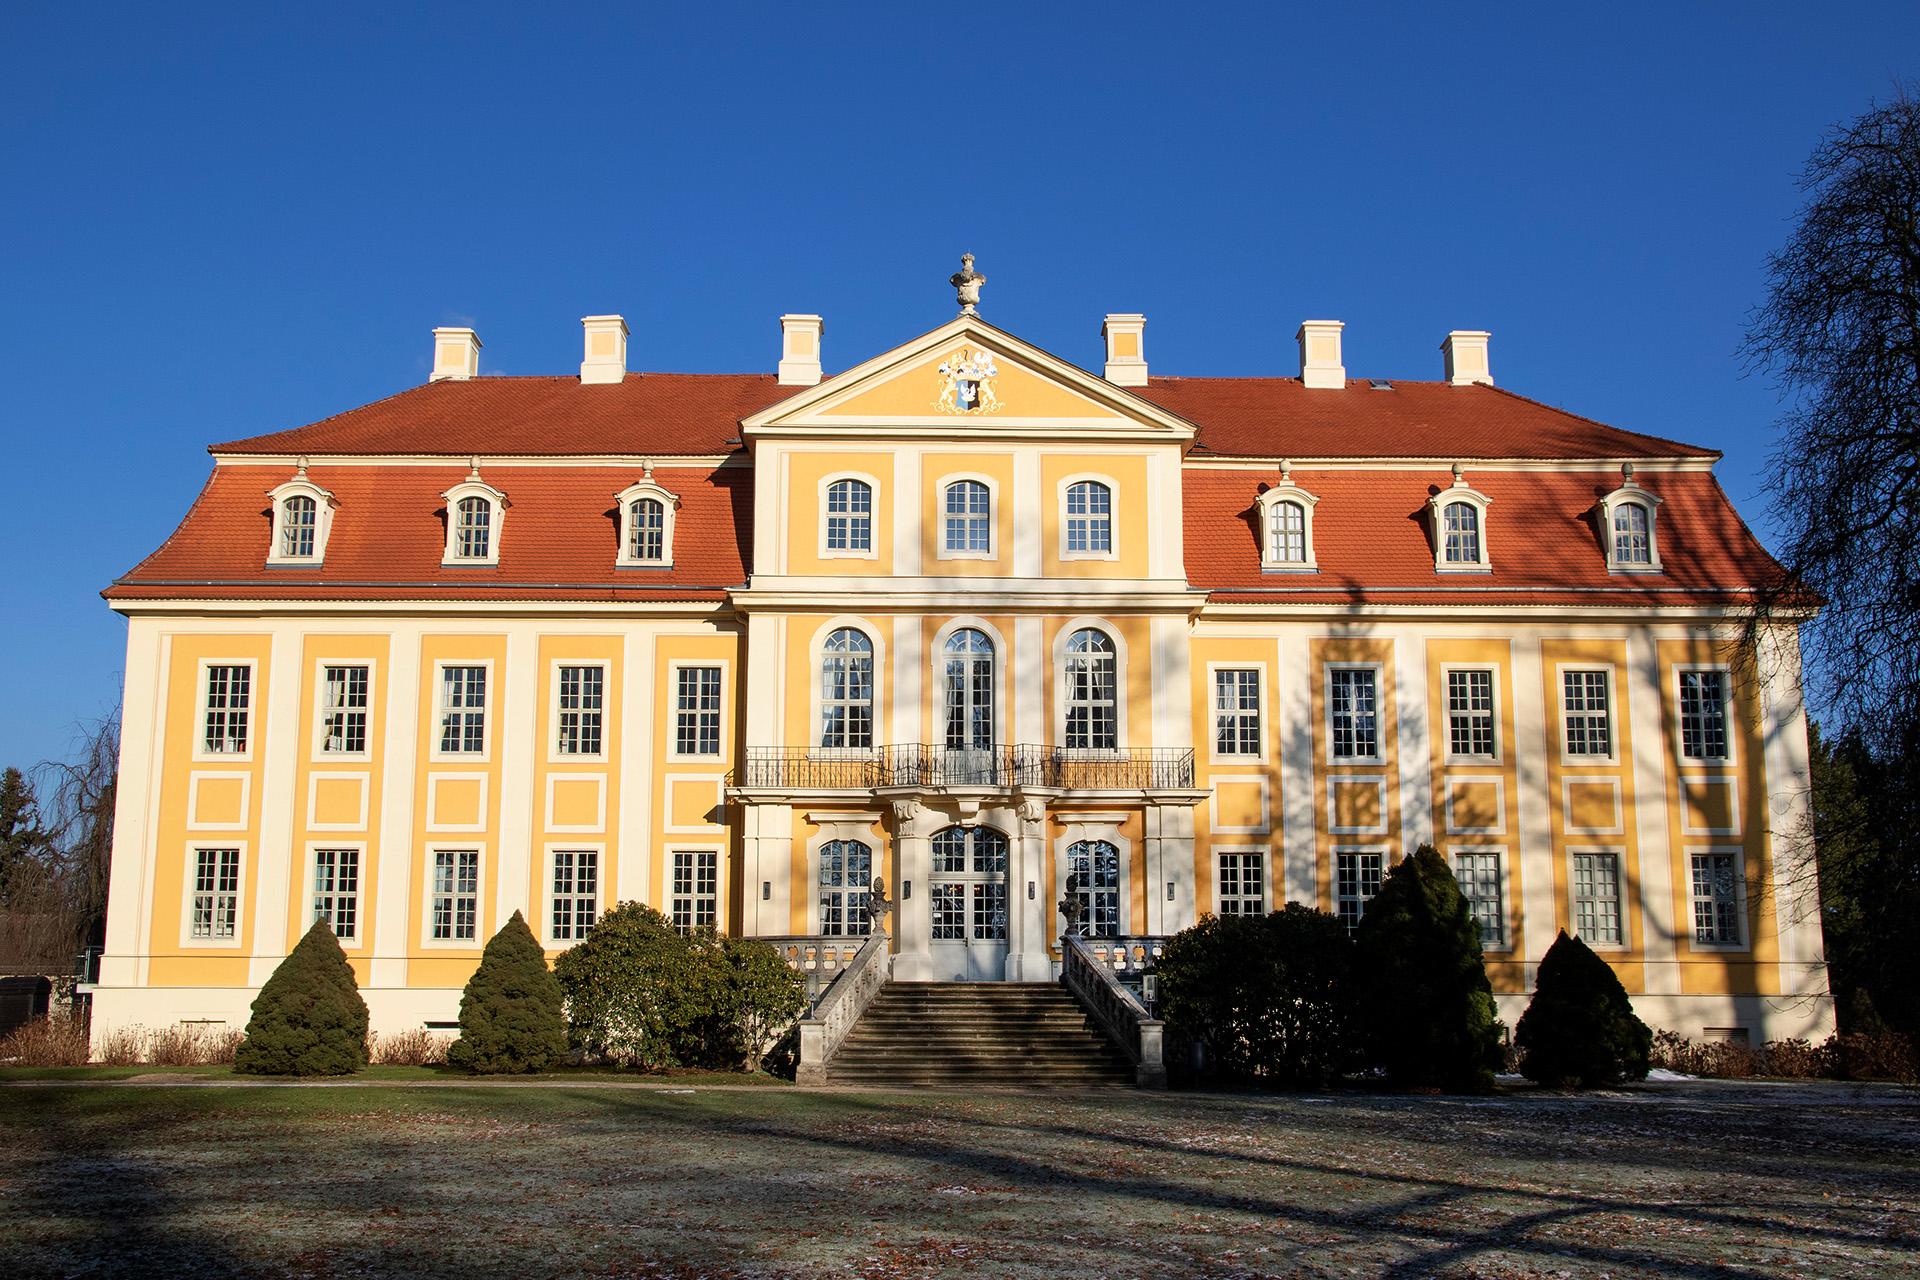 Barockschloss Rammenau - Gebäude vom Garten aus